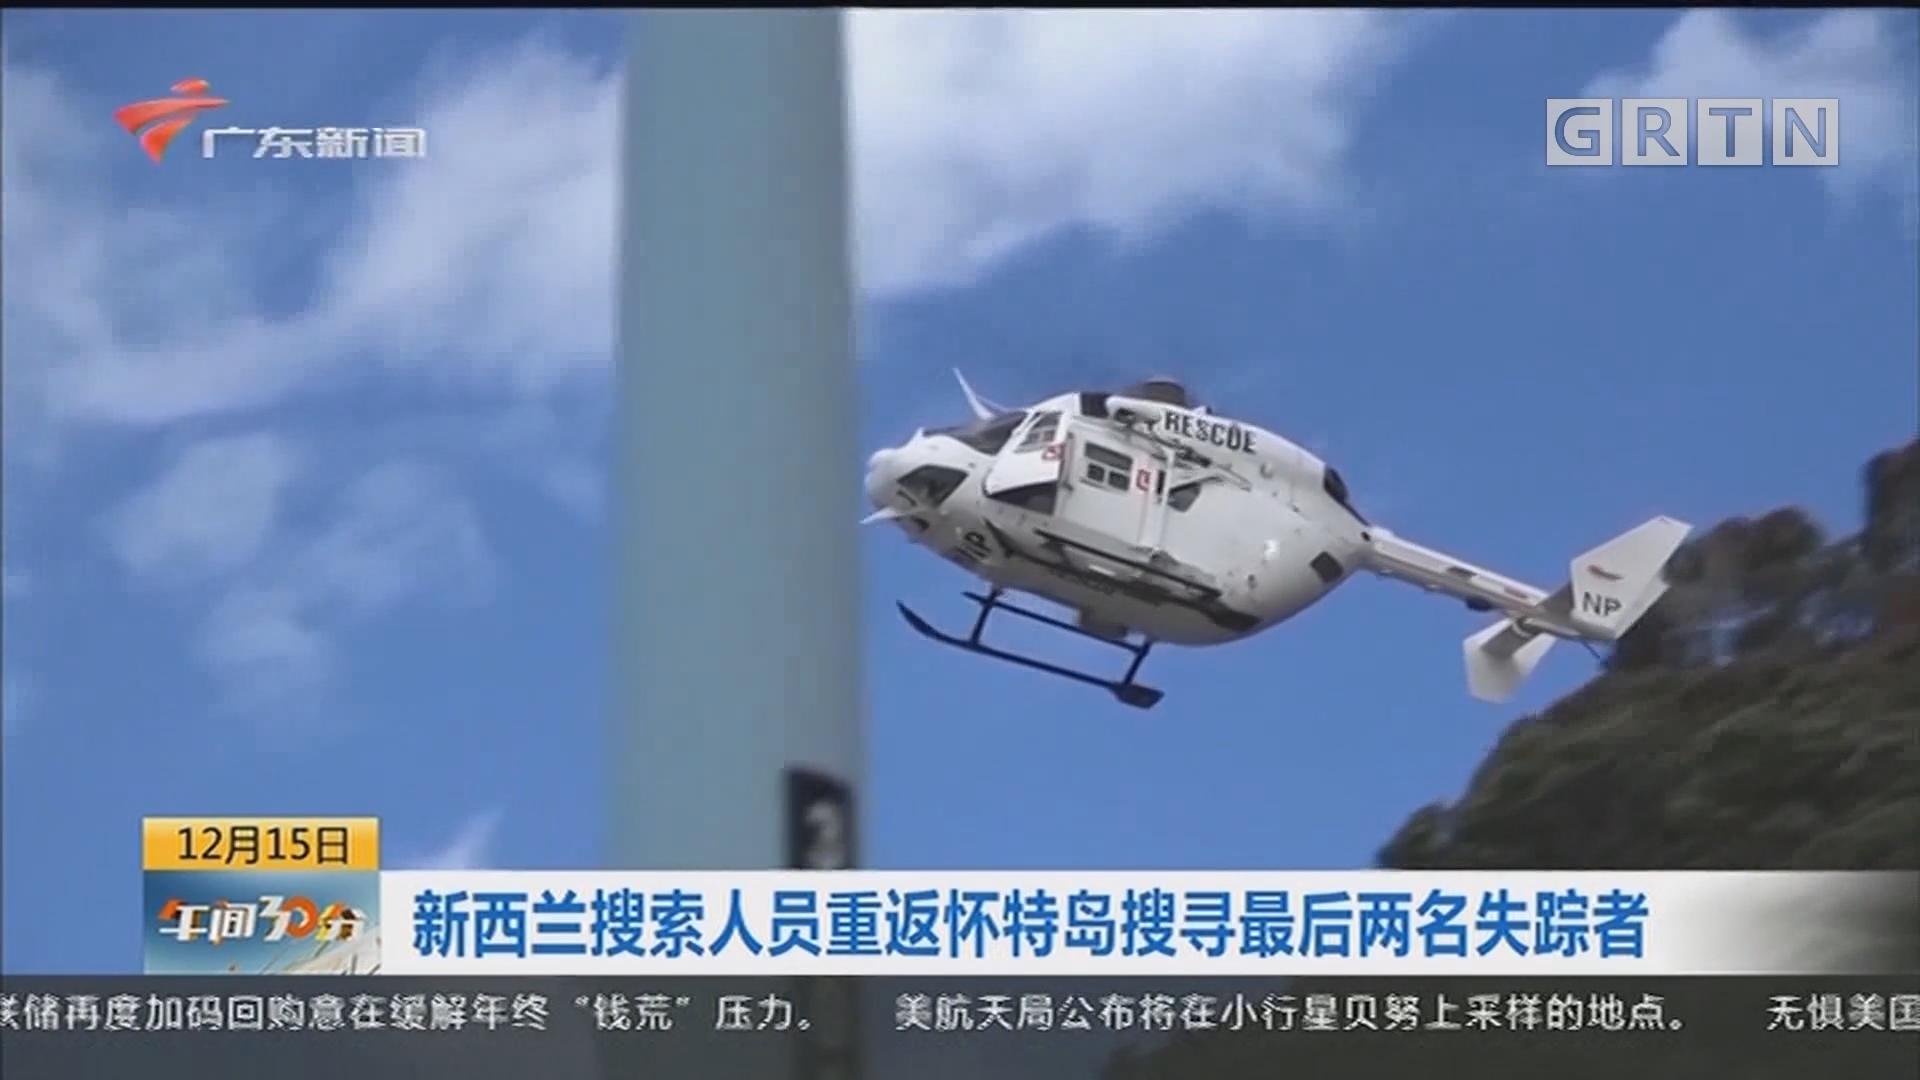 新西兰搜索人员重返怀特岛搜寻最后两名失踪者